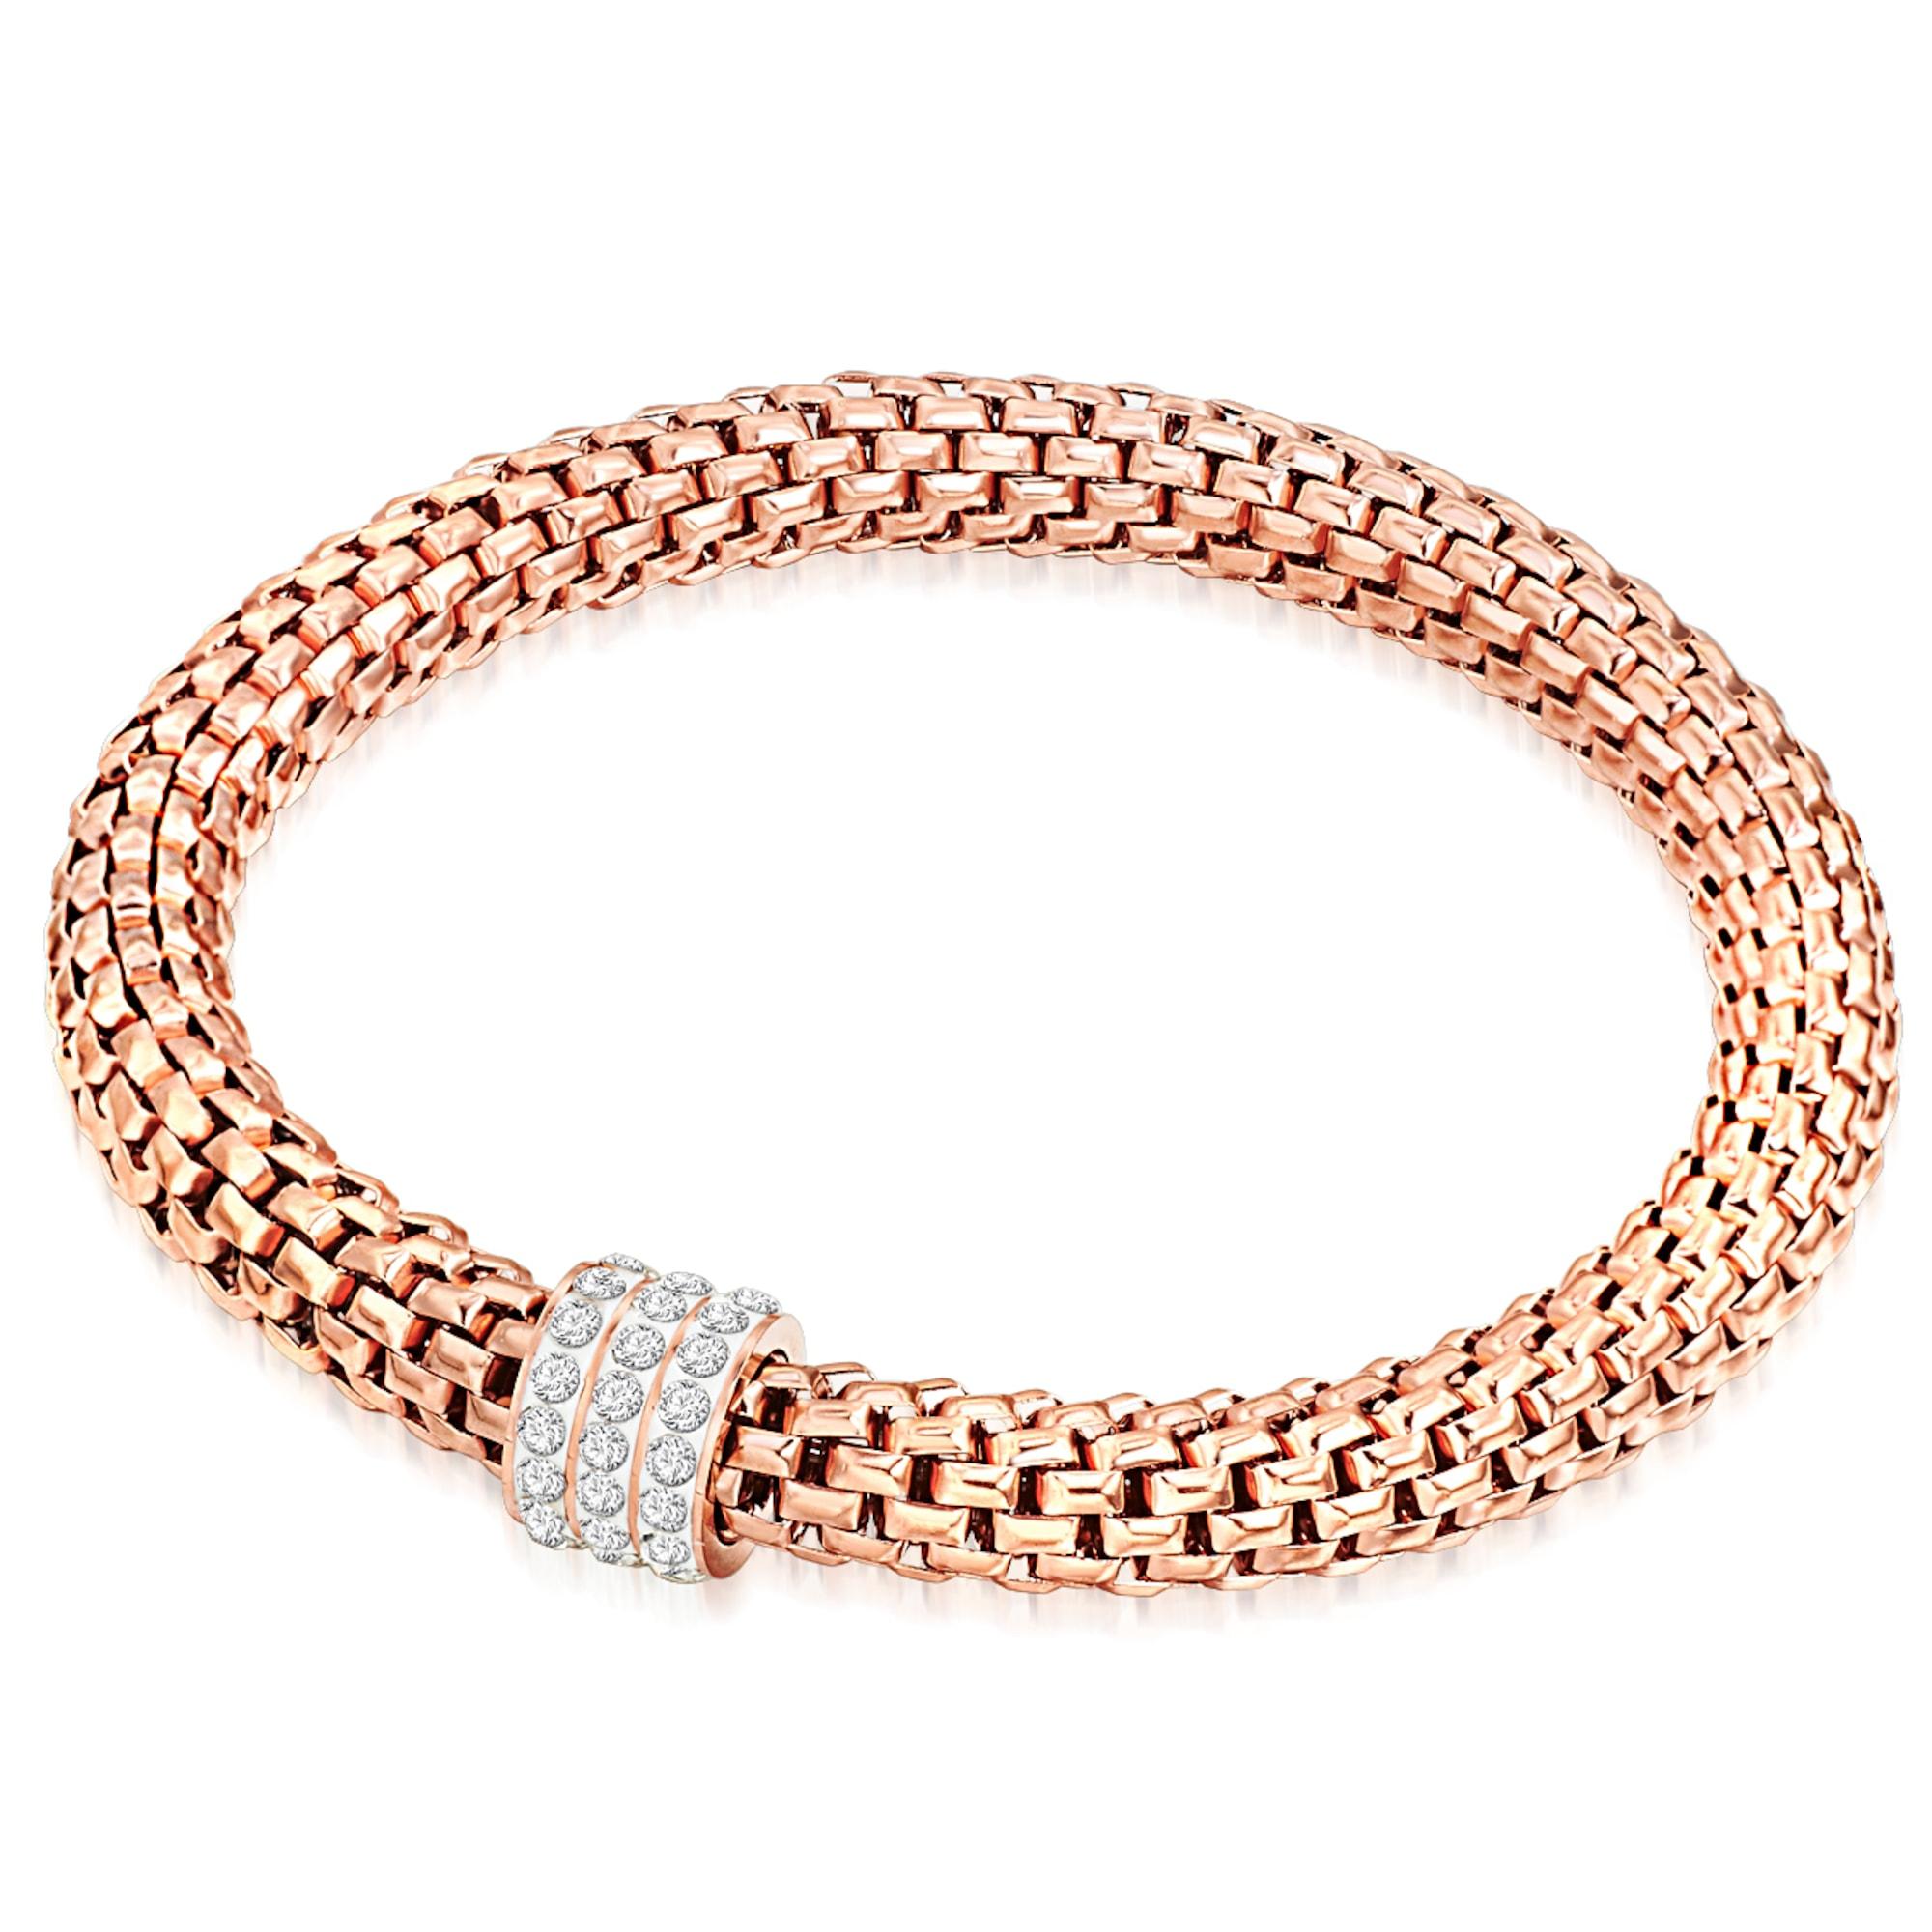 Silberarmband mit Glaskristall | Schmuck > Armbänder > Silberarmbänder | Rafaela Donata